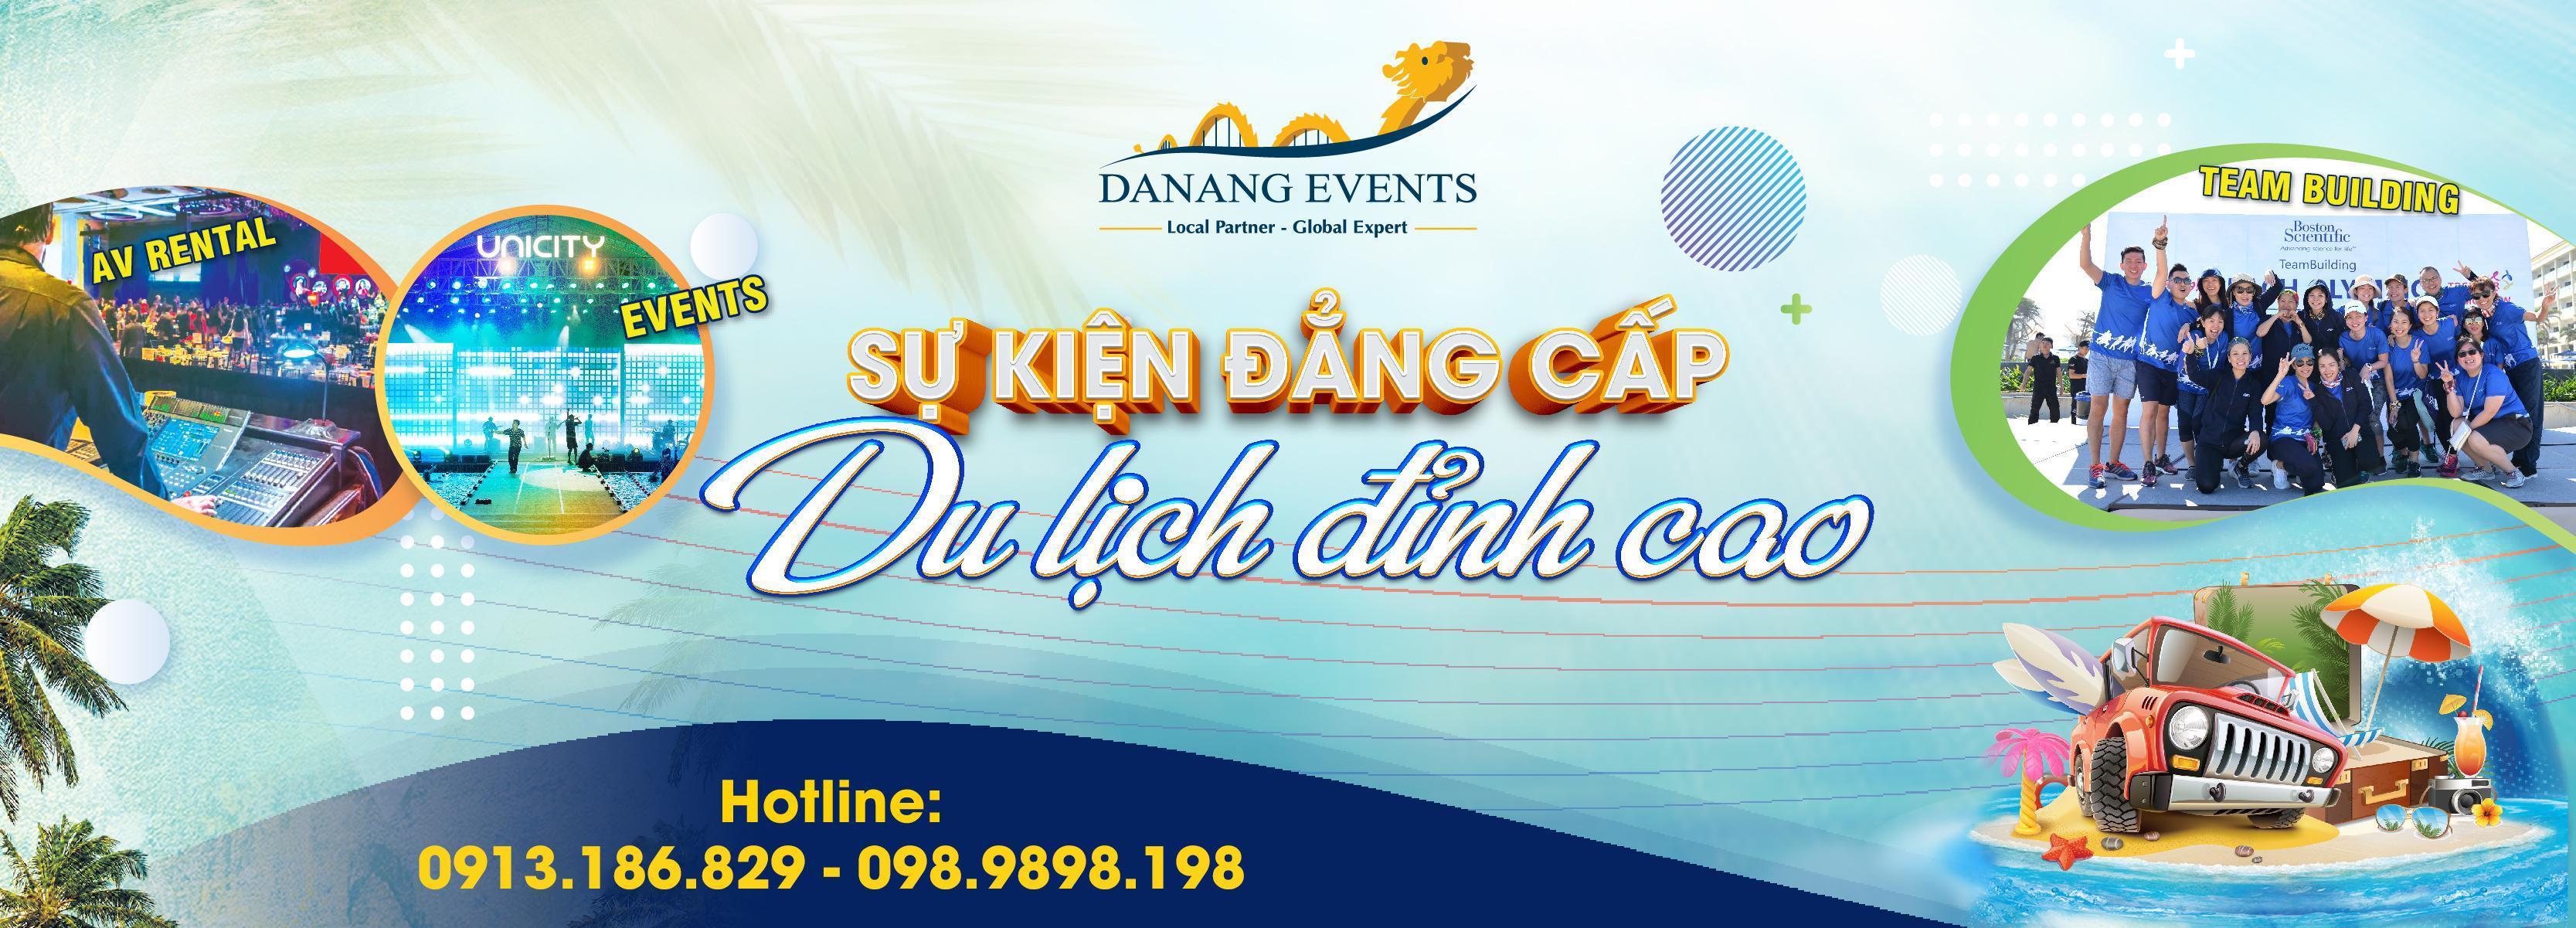 Công ty tổ chức sự kiện hàng đầu - Danang Events